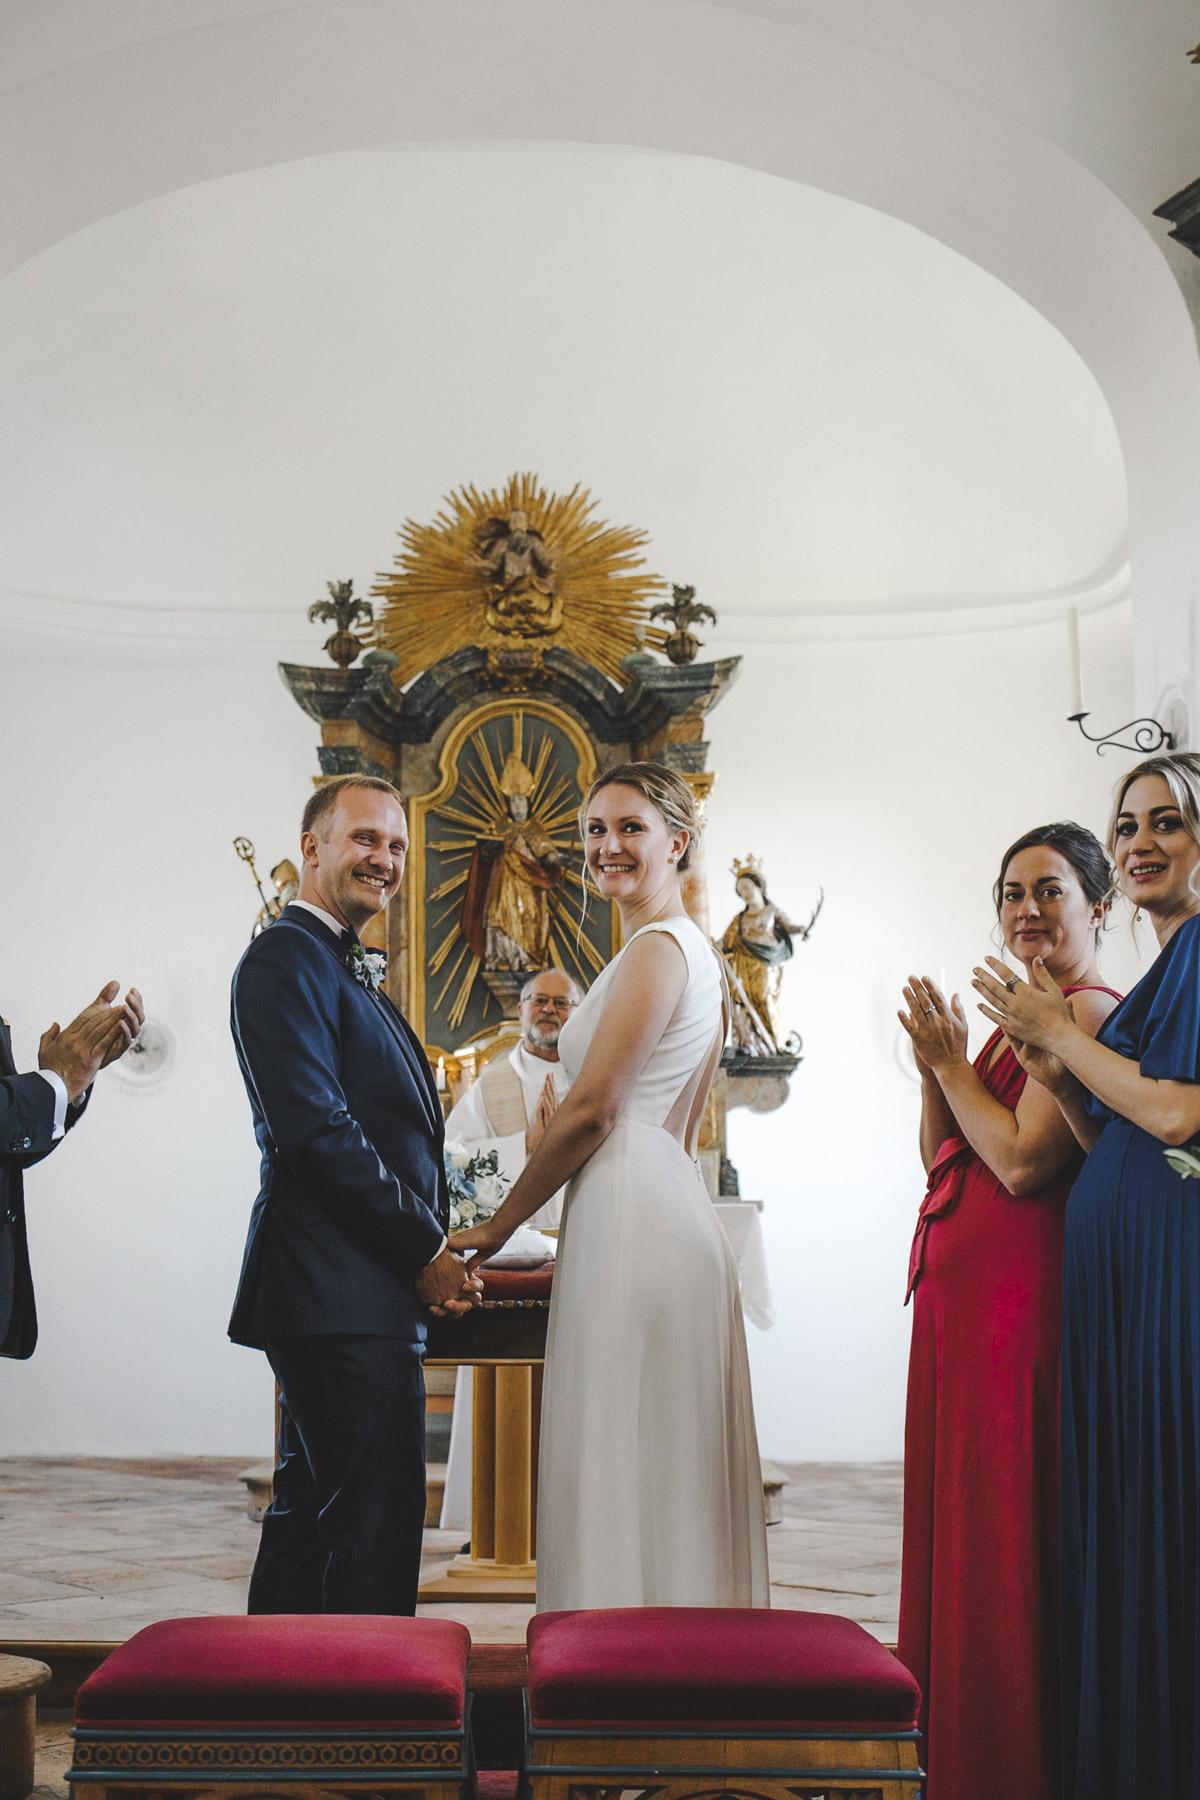 Barbara und Thorsten | Hochzeit am Starnenberger See - Fotografin Guelten Hamidanoglu Fotografie Koeln BT 19 558